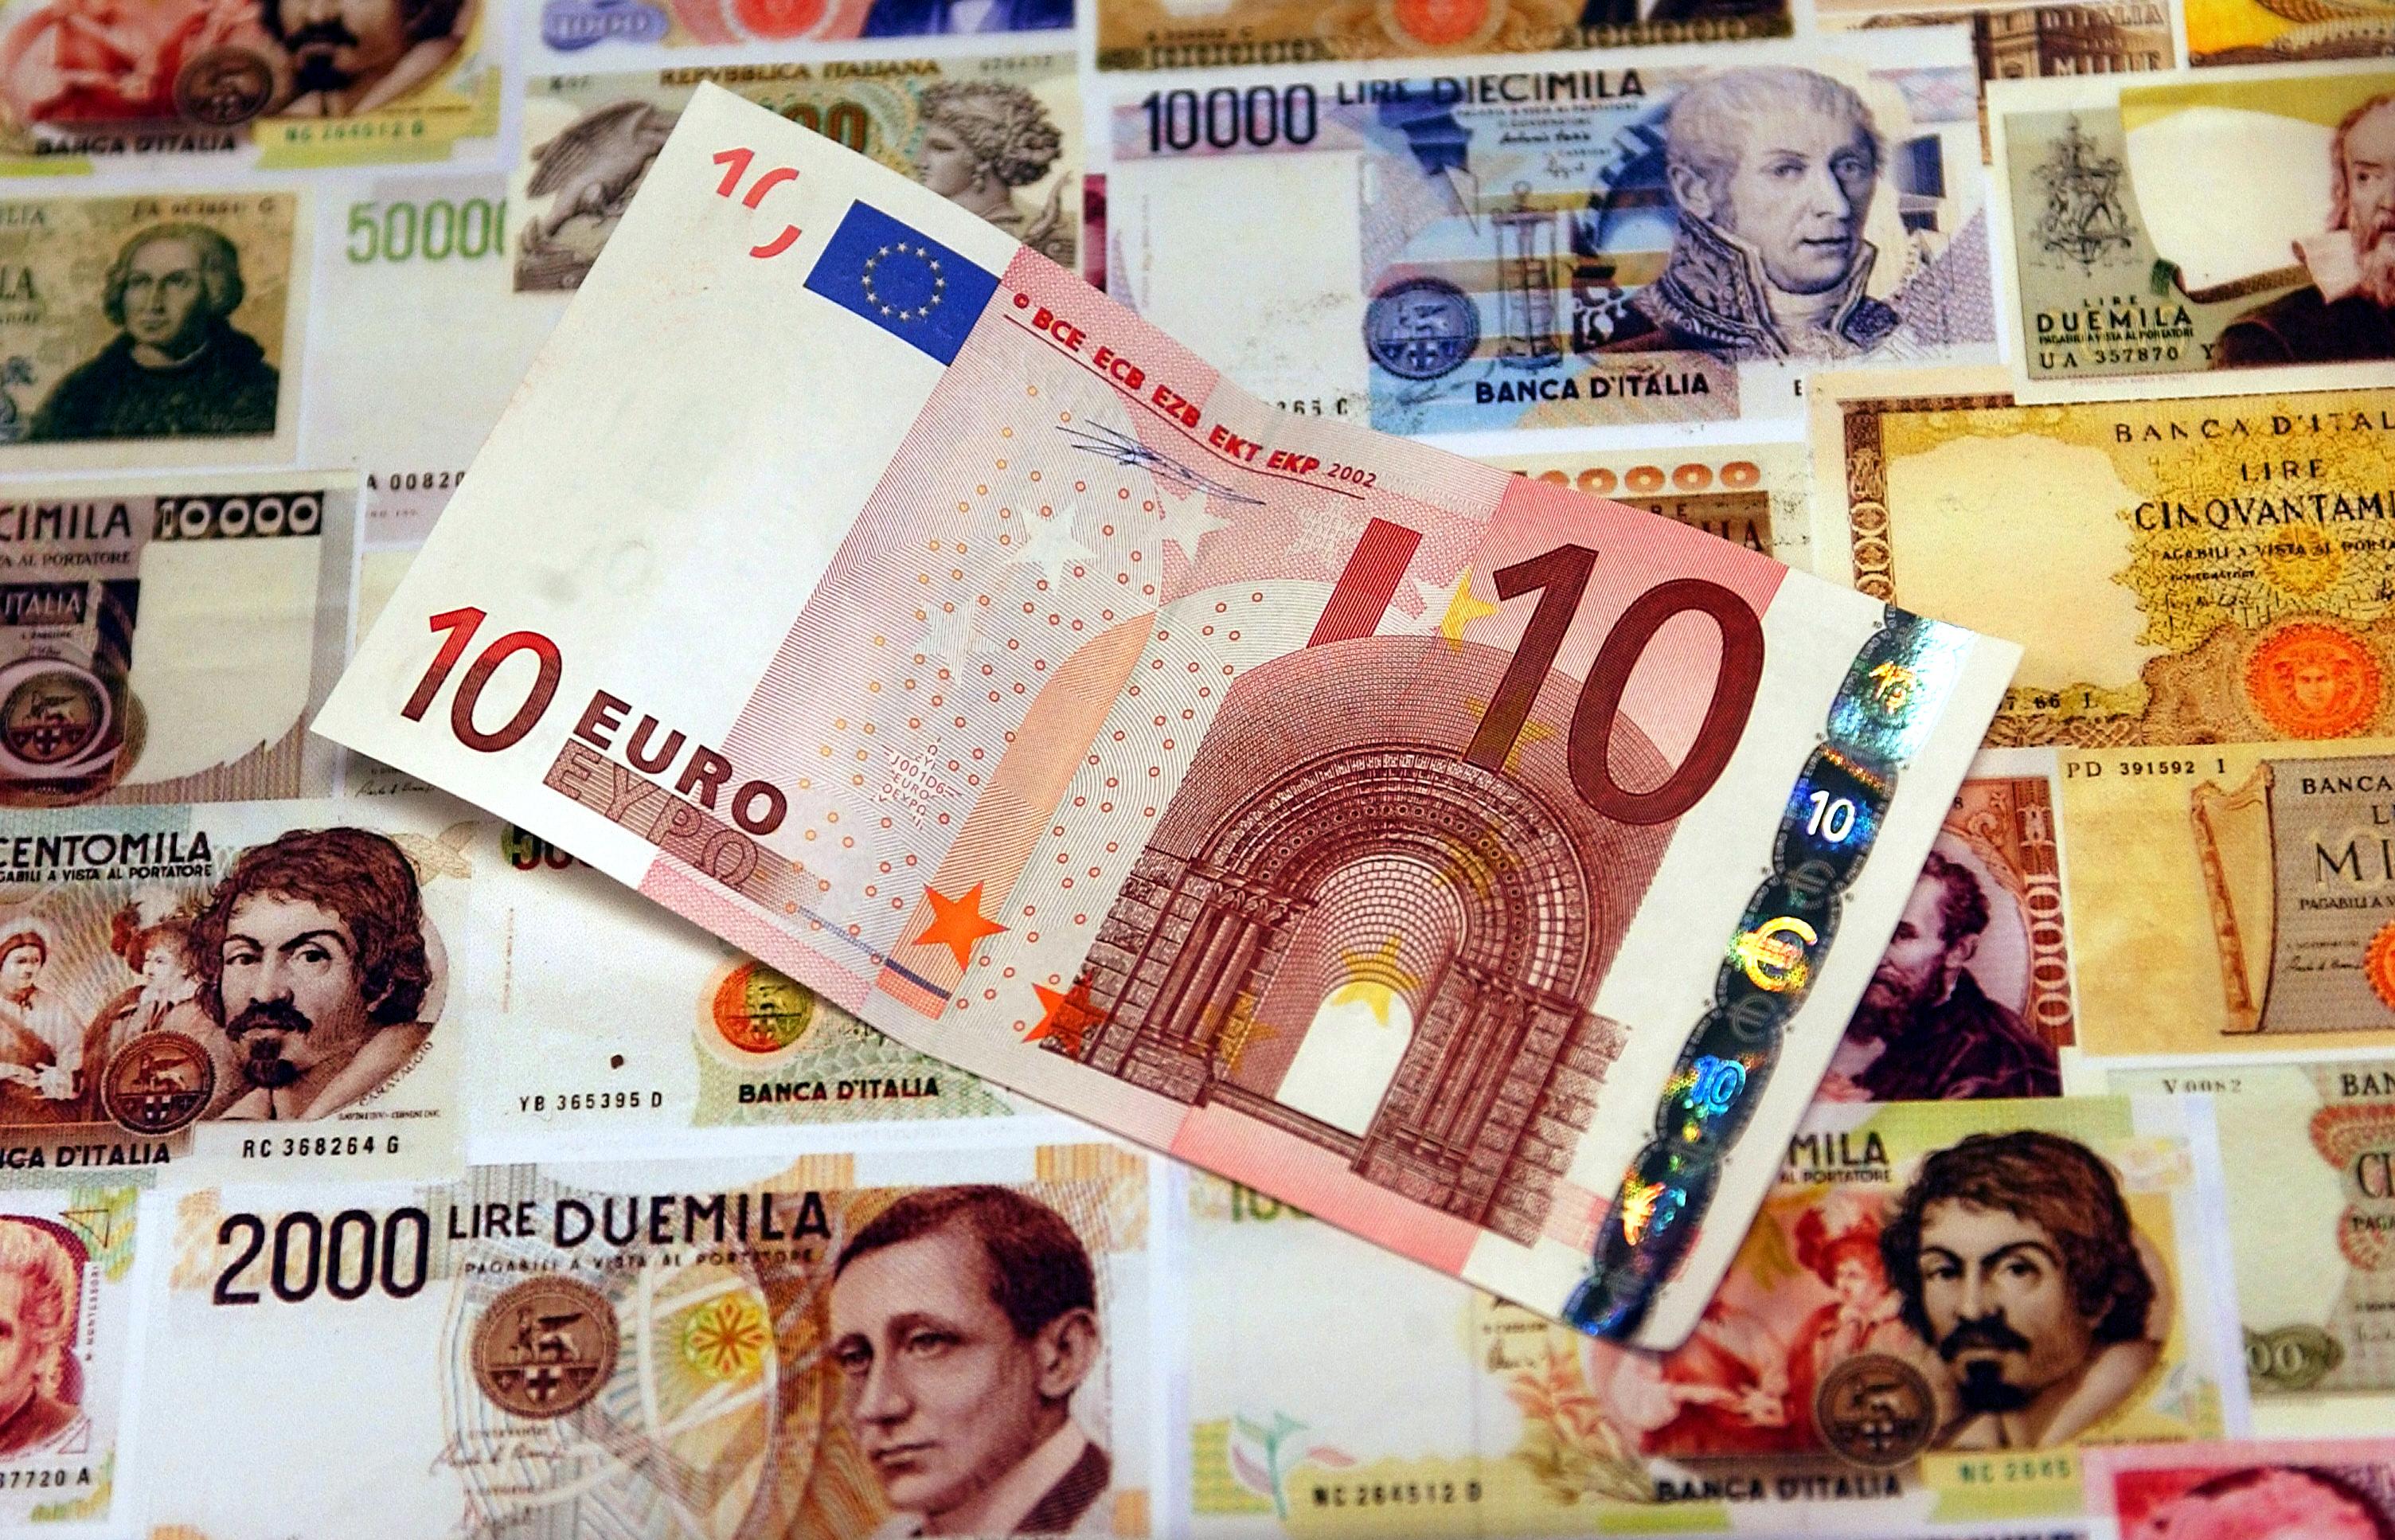 Spesa pubblica e ritorno alla lira? Ricette inefficaci. Due studi lo confermano